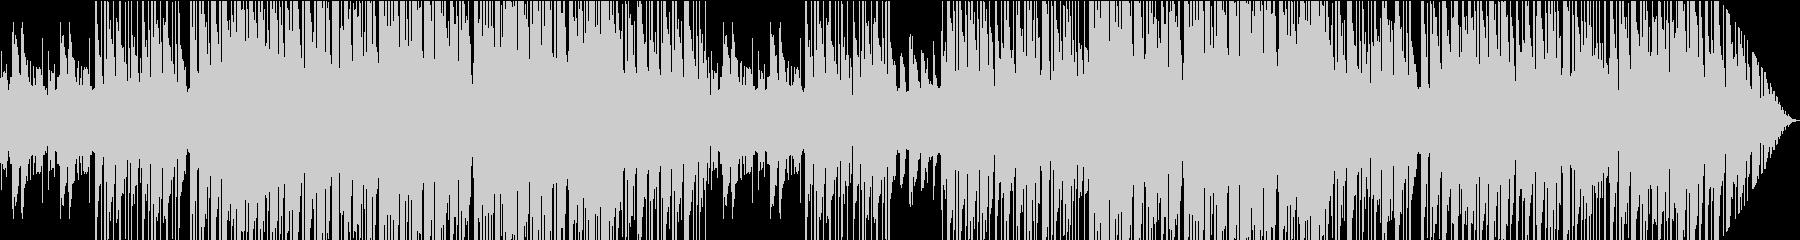 リラック系静かなバラードジャズギターメロの未再生の波形